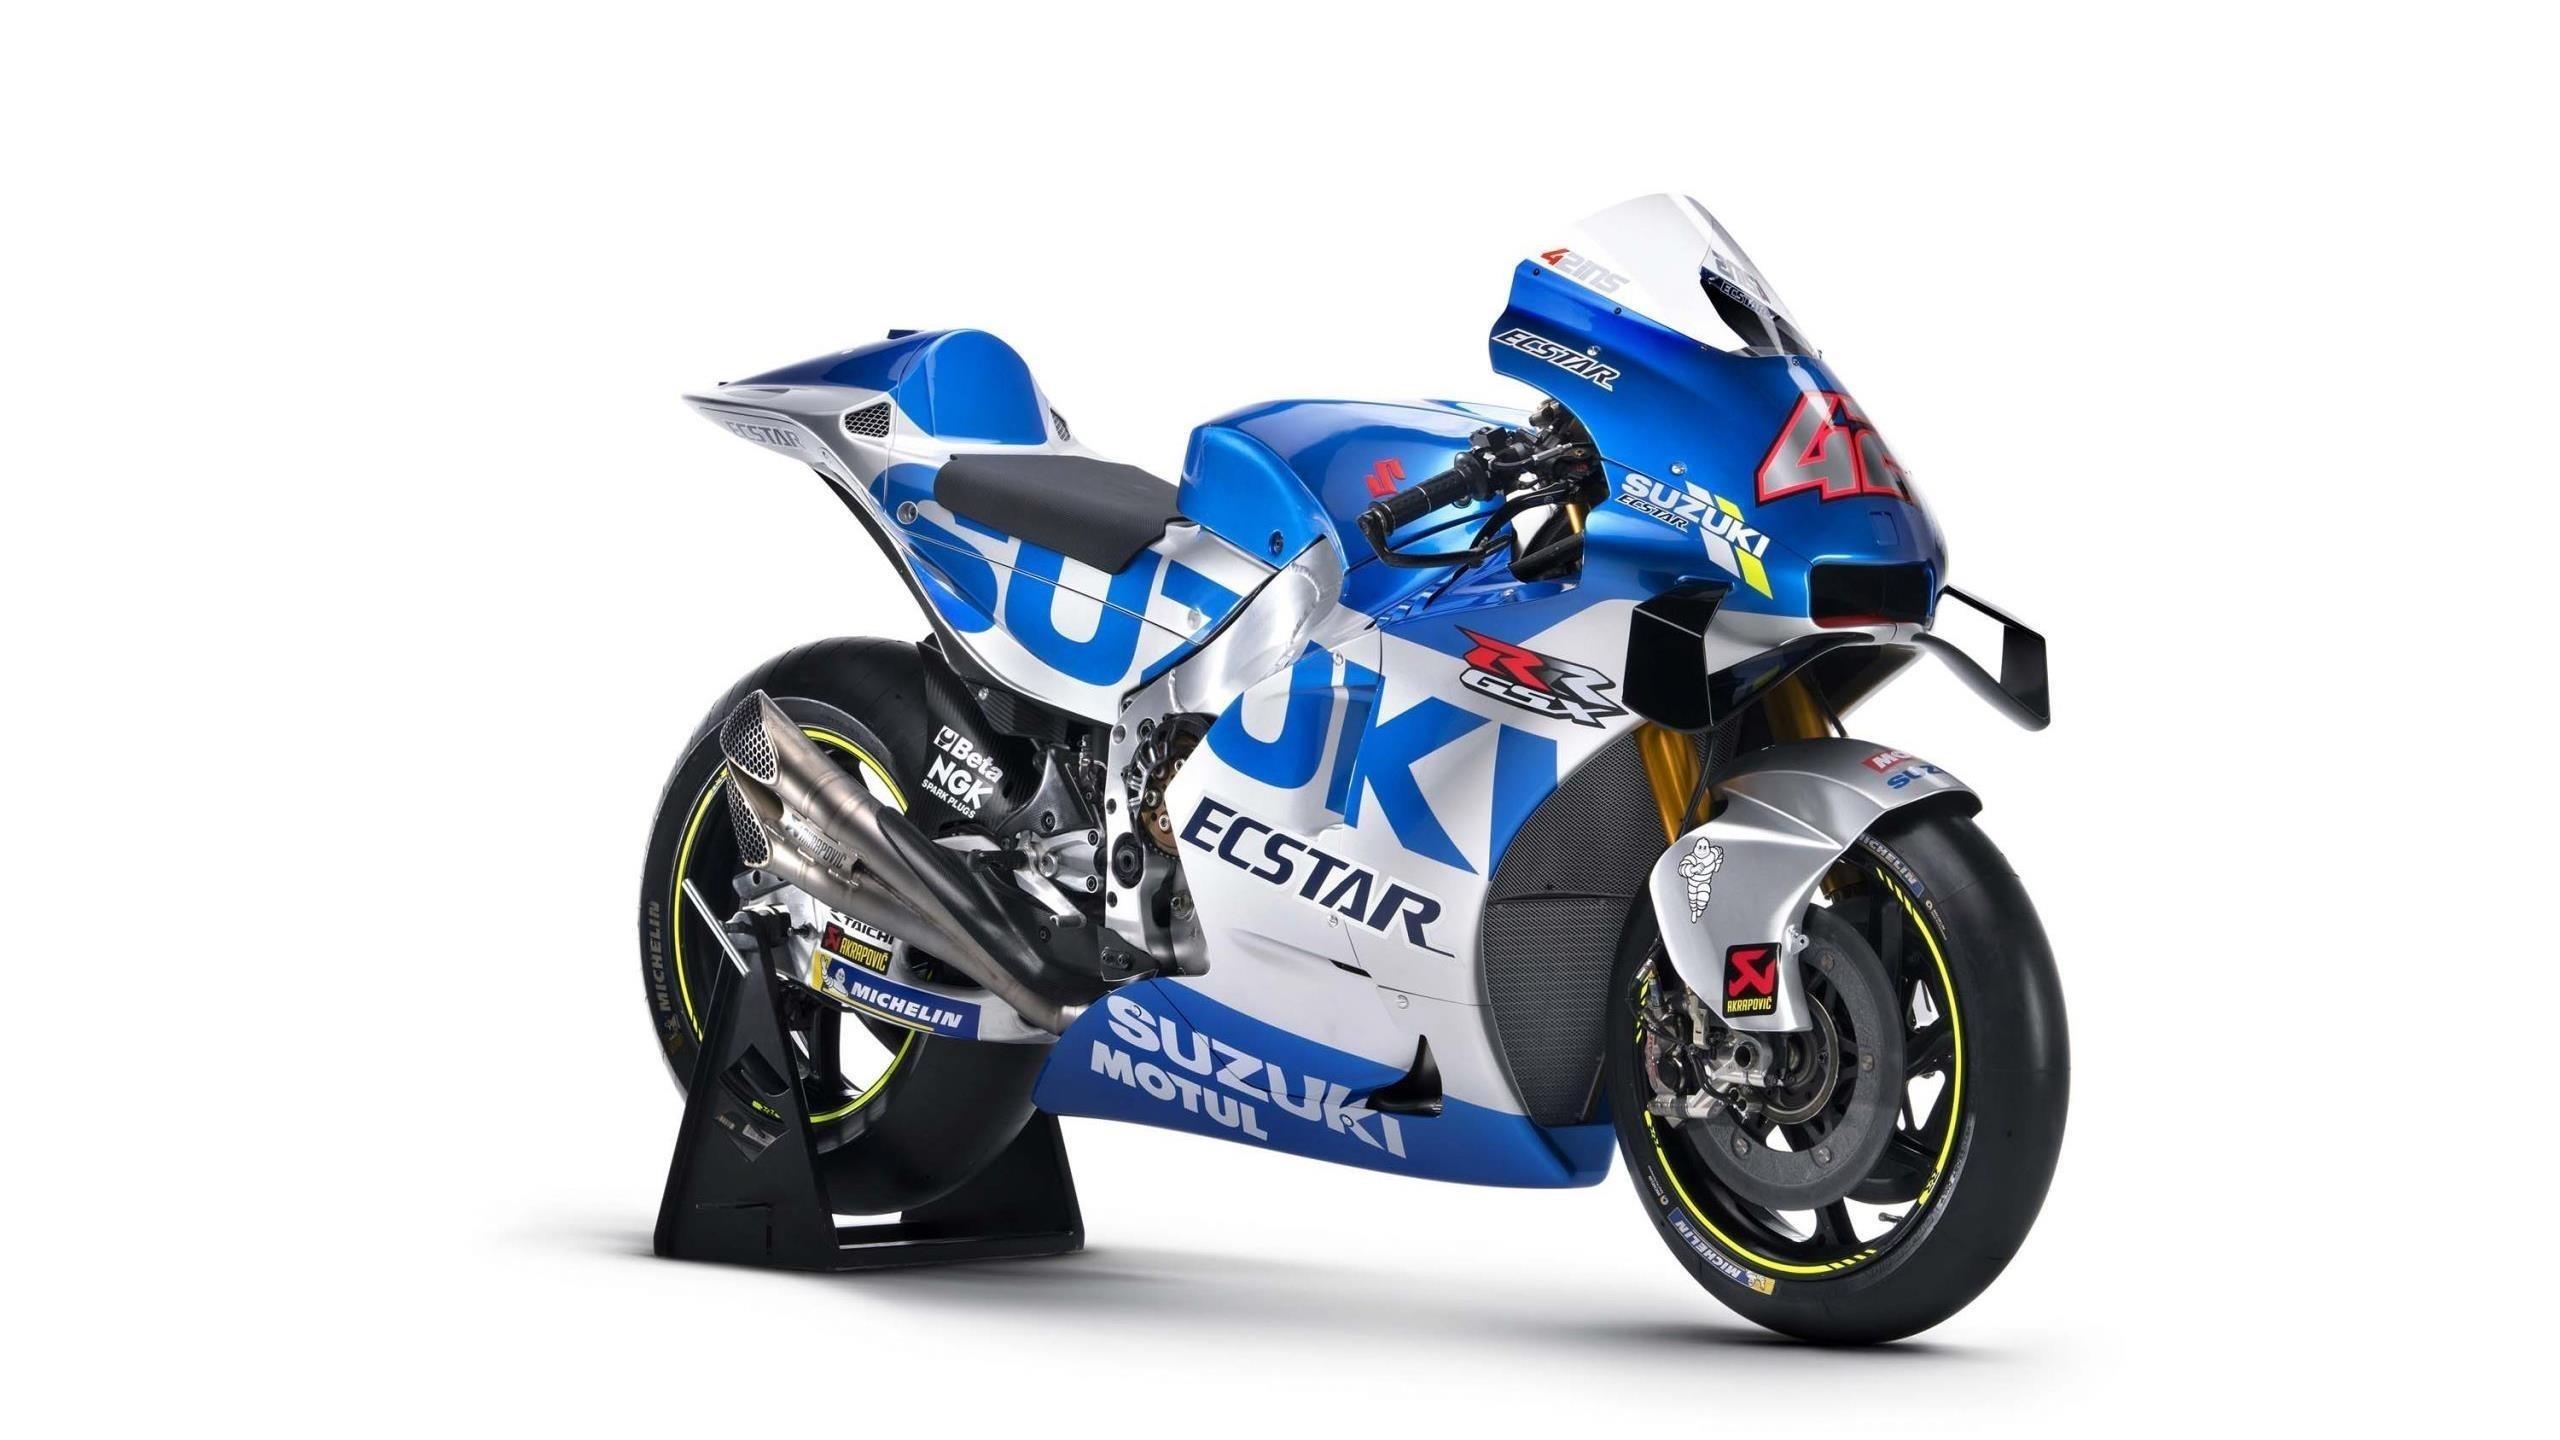 2020 suzuki gsx rr motogp обои скачать